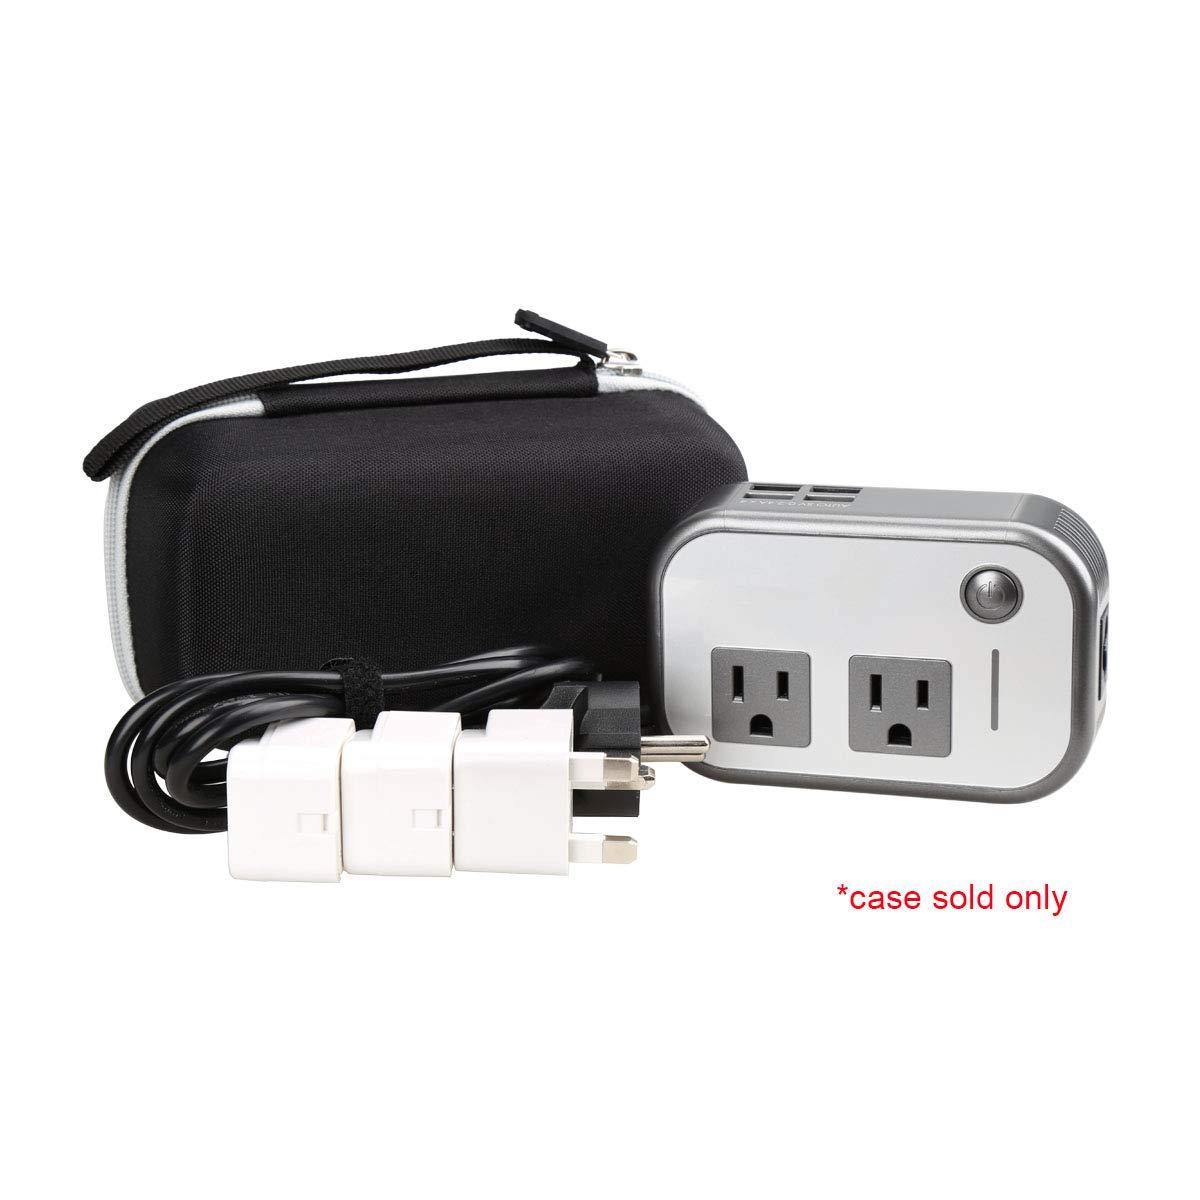 Aproca Hard Travel Case Compatible Foval 200W Car Power Inverter DC 12V to 110V AC Converter